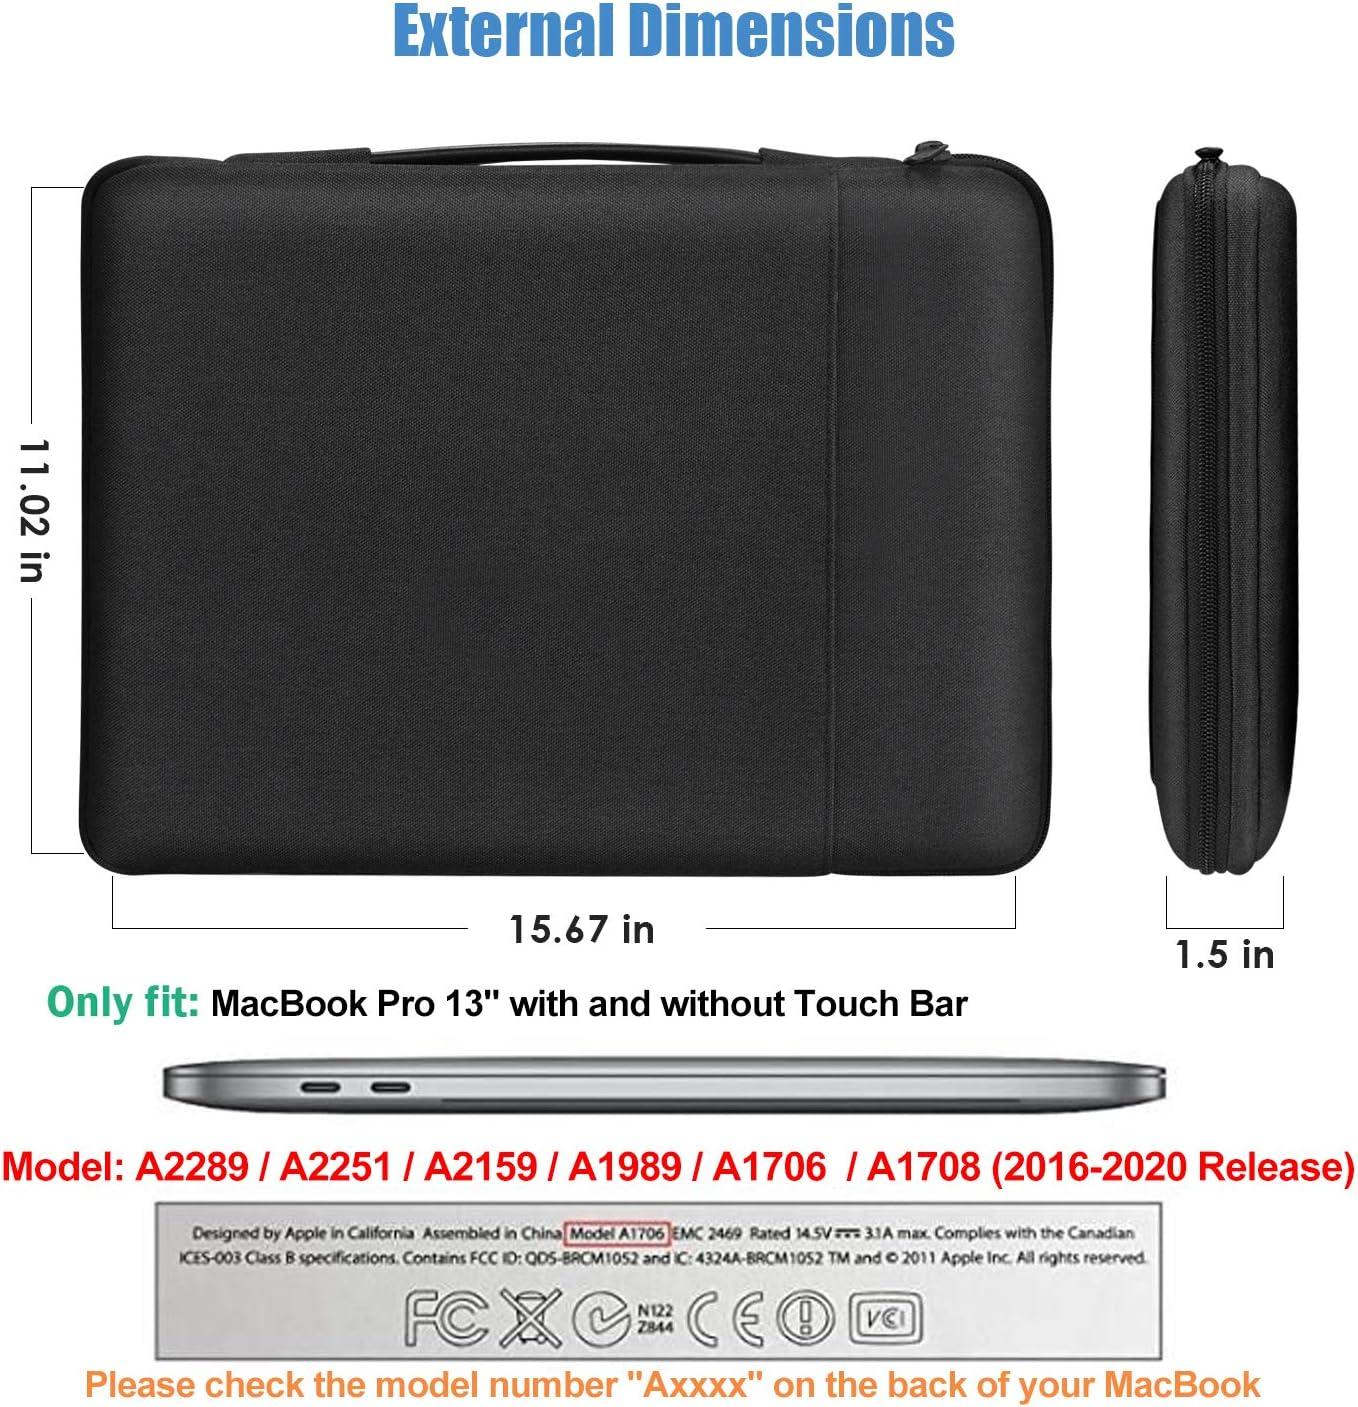 ProCase Estuche Duro Negro Bolsa Mensajera para MacBook Pro 13 Pulgadas Funda Protectora y Porta MacBook Compatible con MacBook Pro New 13 Modelos A2289 A2251 A2159 A1989 A1706 A1708